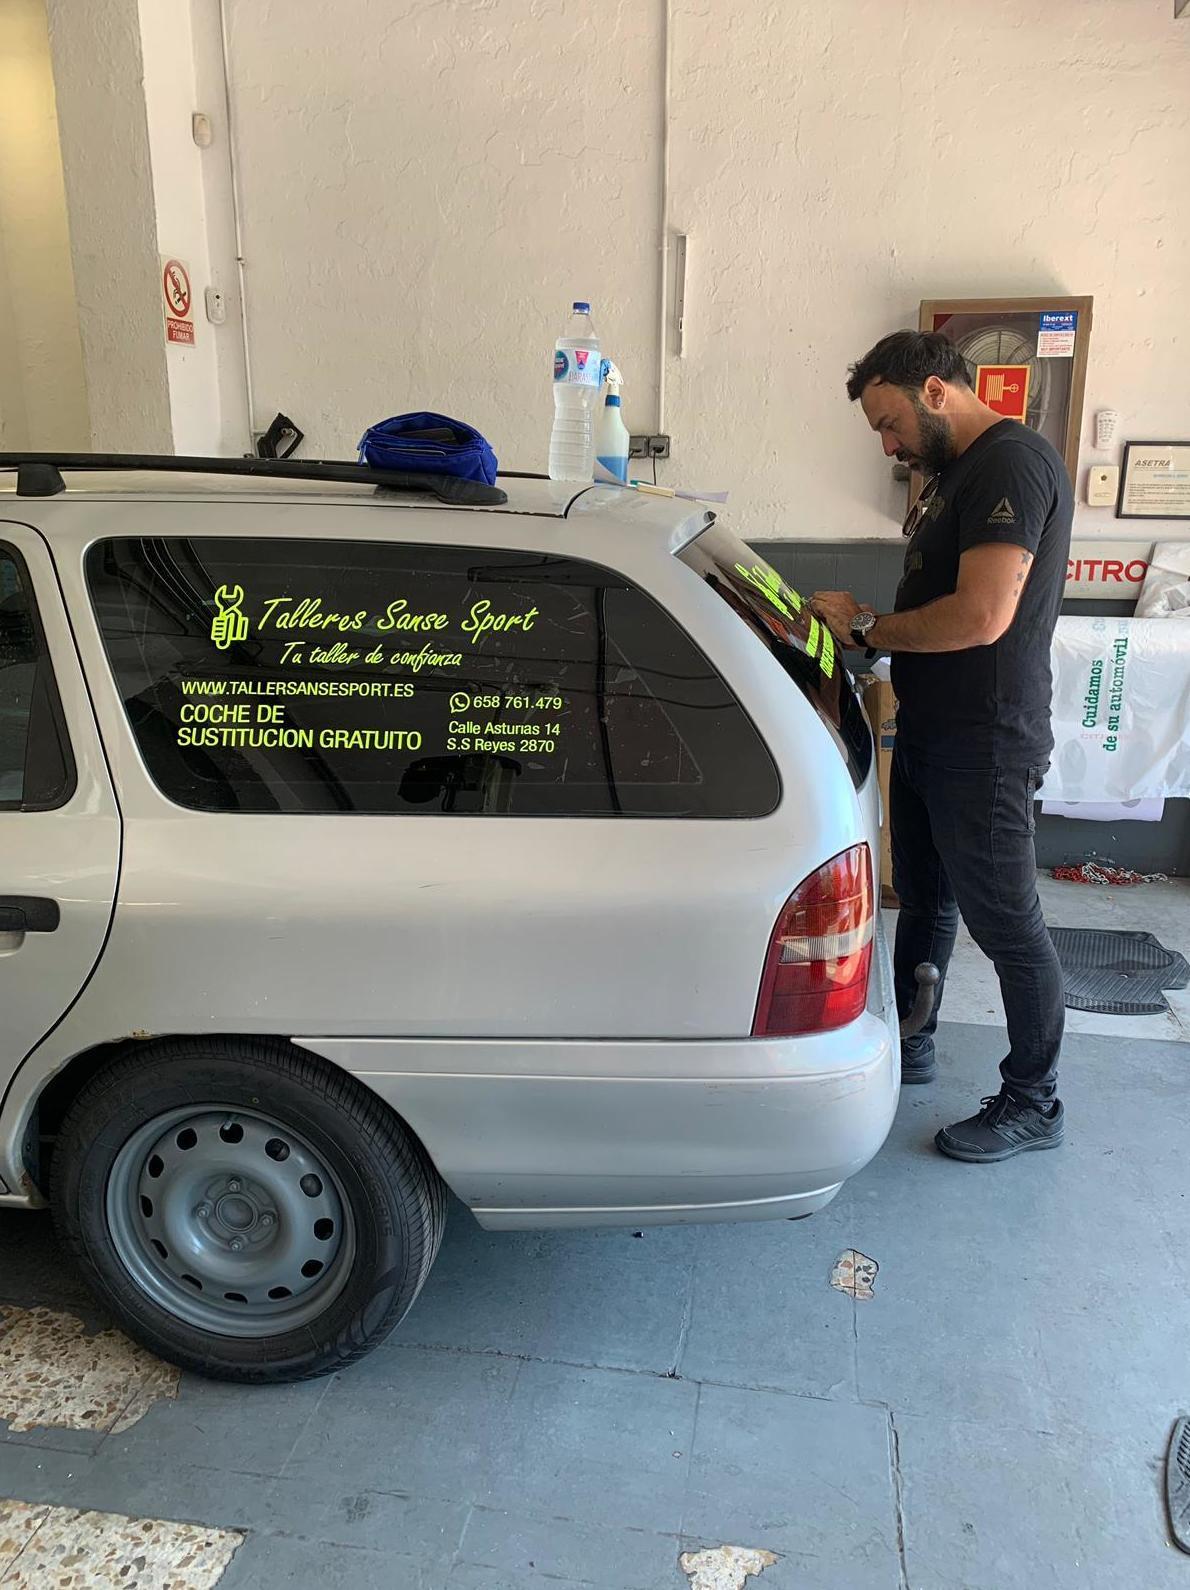 Vehiculo de sustitucion gratuito